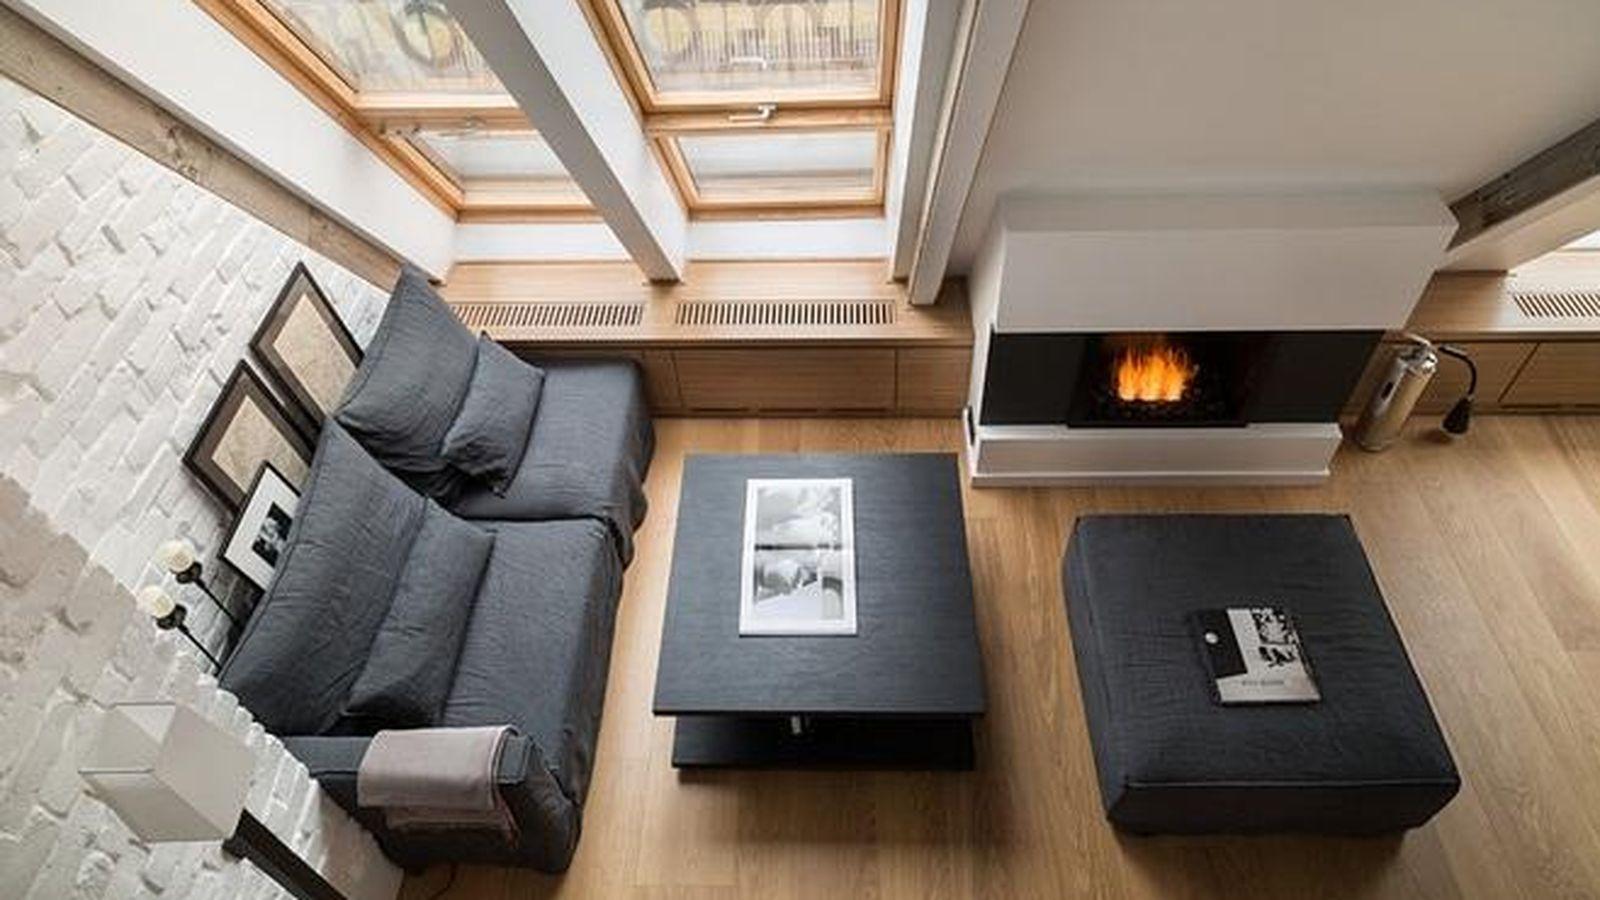 Vivienda: ¿Tienes un salón pequeño? Diez ideas de decoración ...